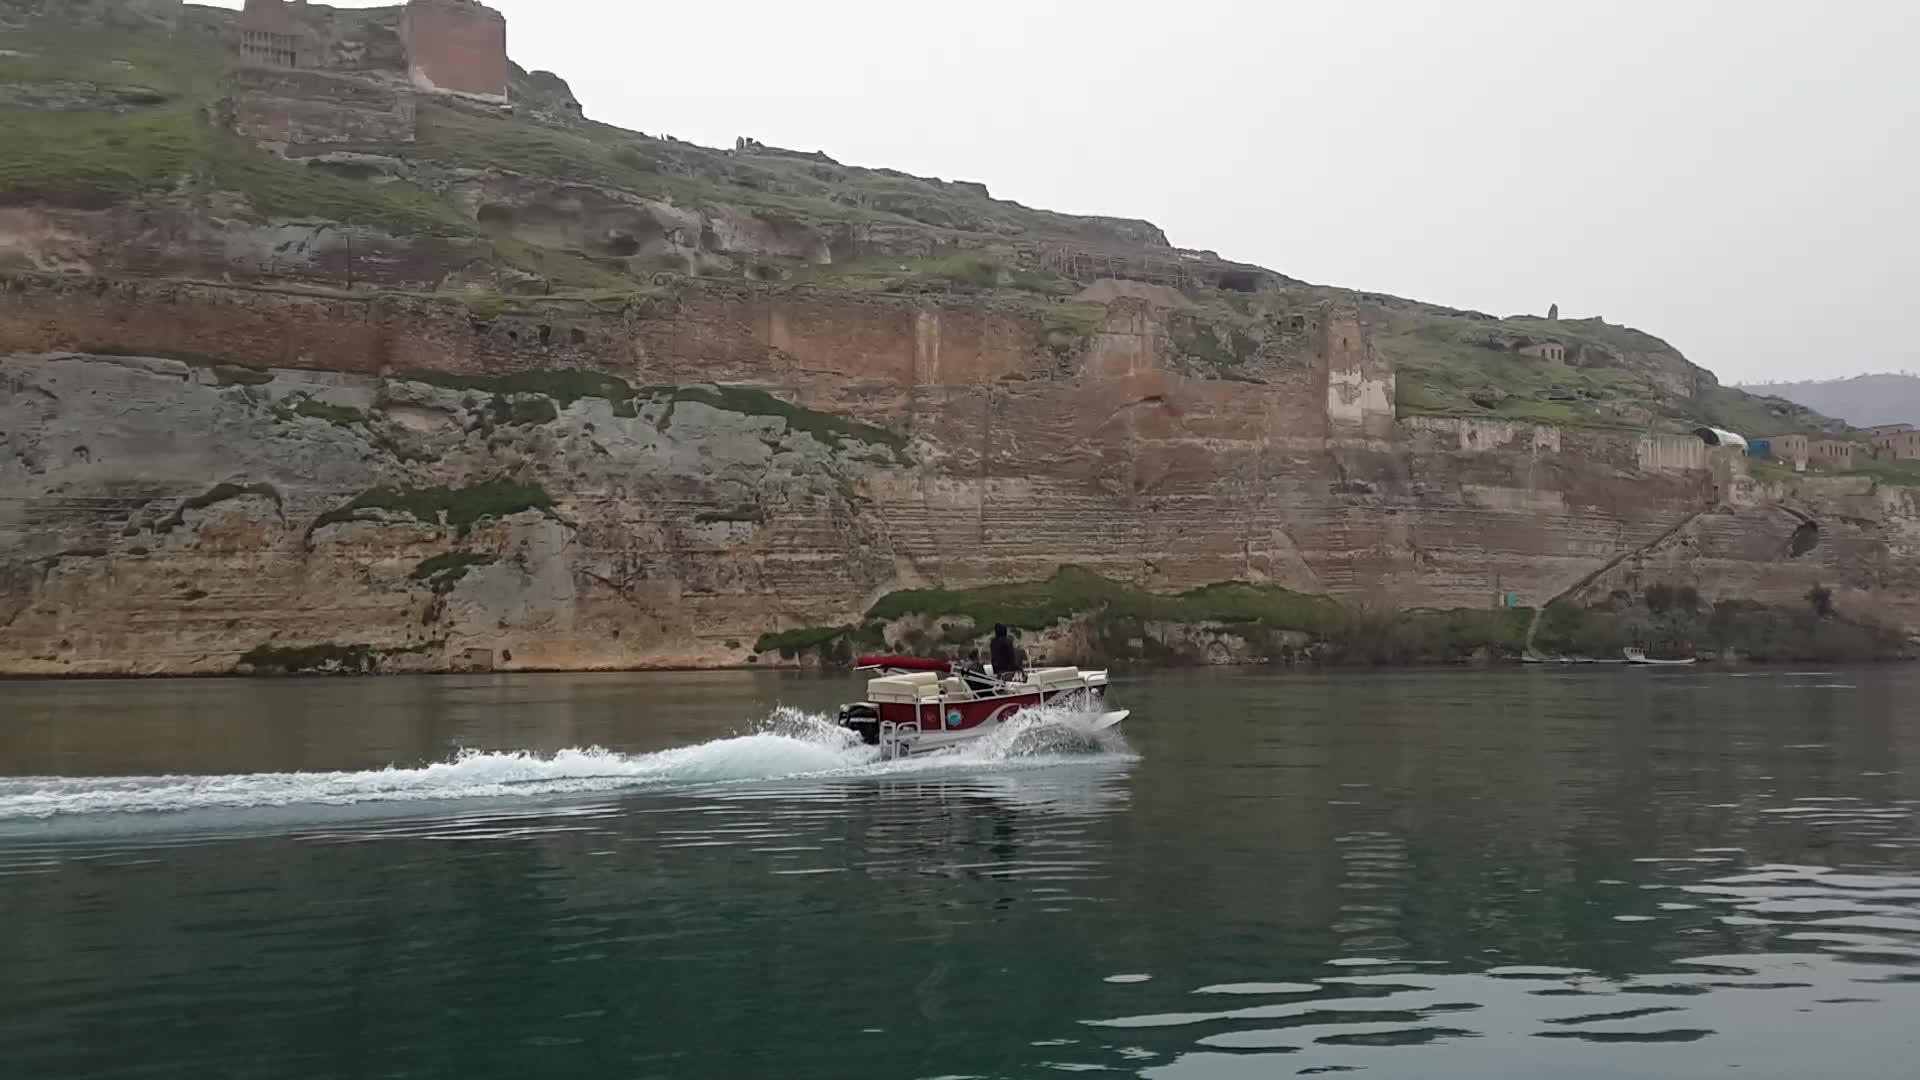 Barco de pasajeros catamarán, 8M, carrettapontoon, SC8-CP, proveedor de fábrica, fabricado en Turquía